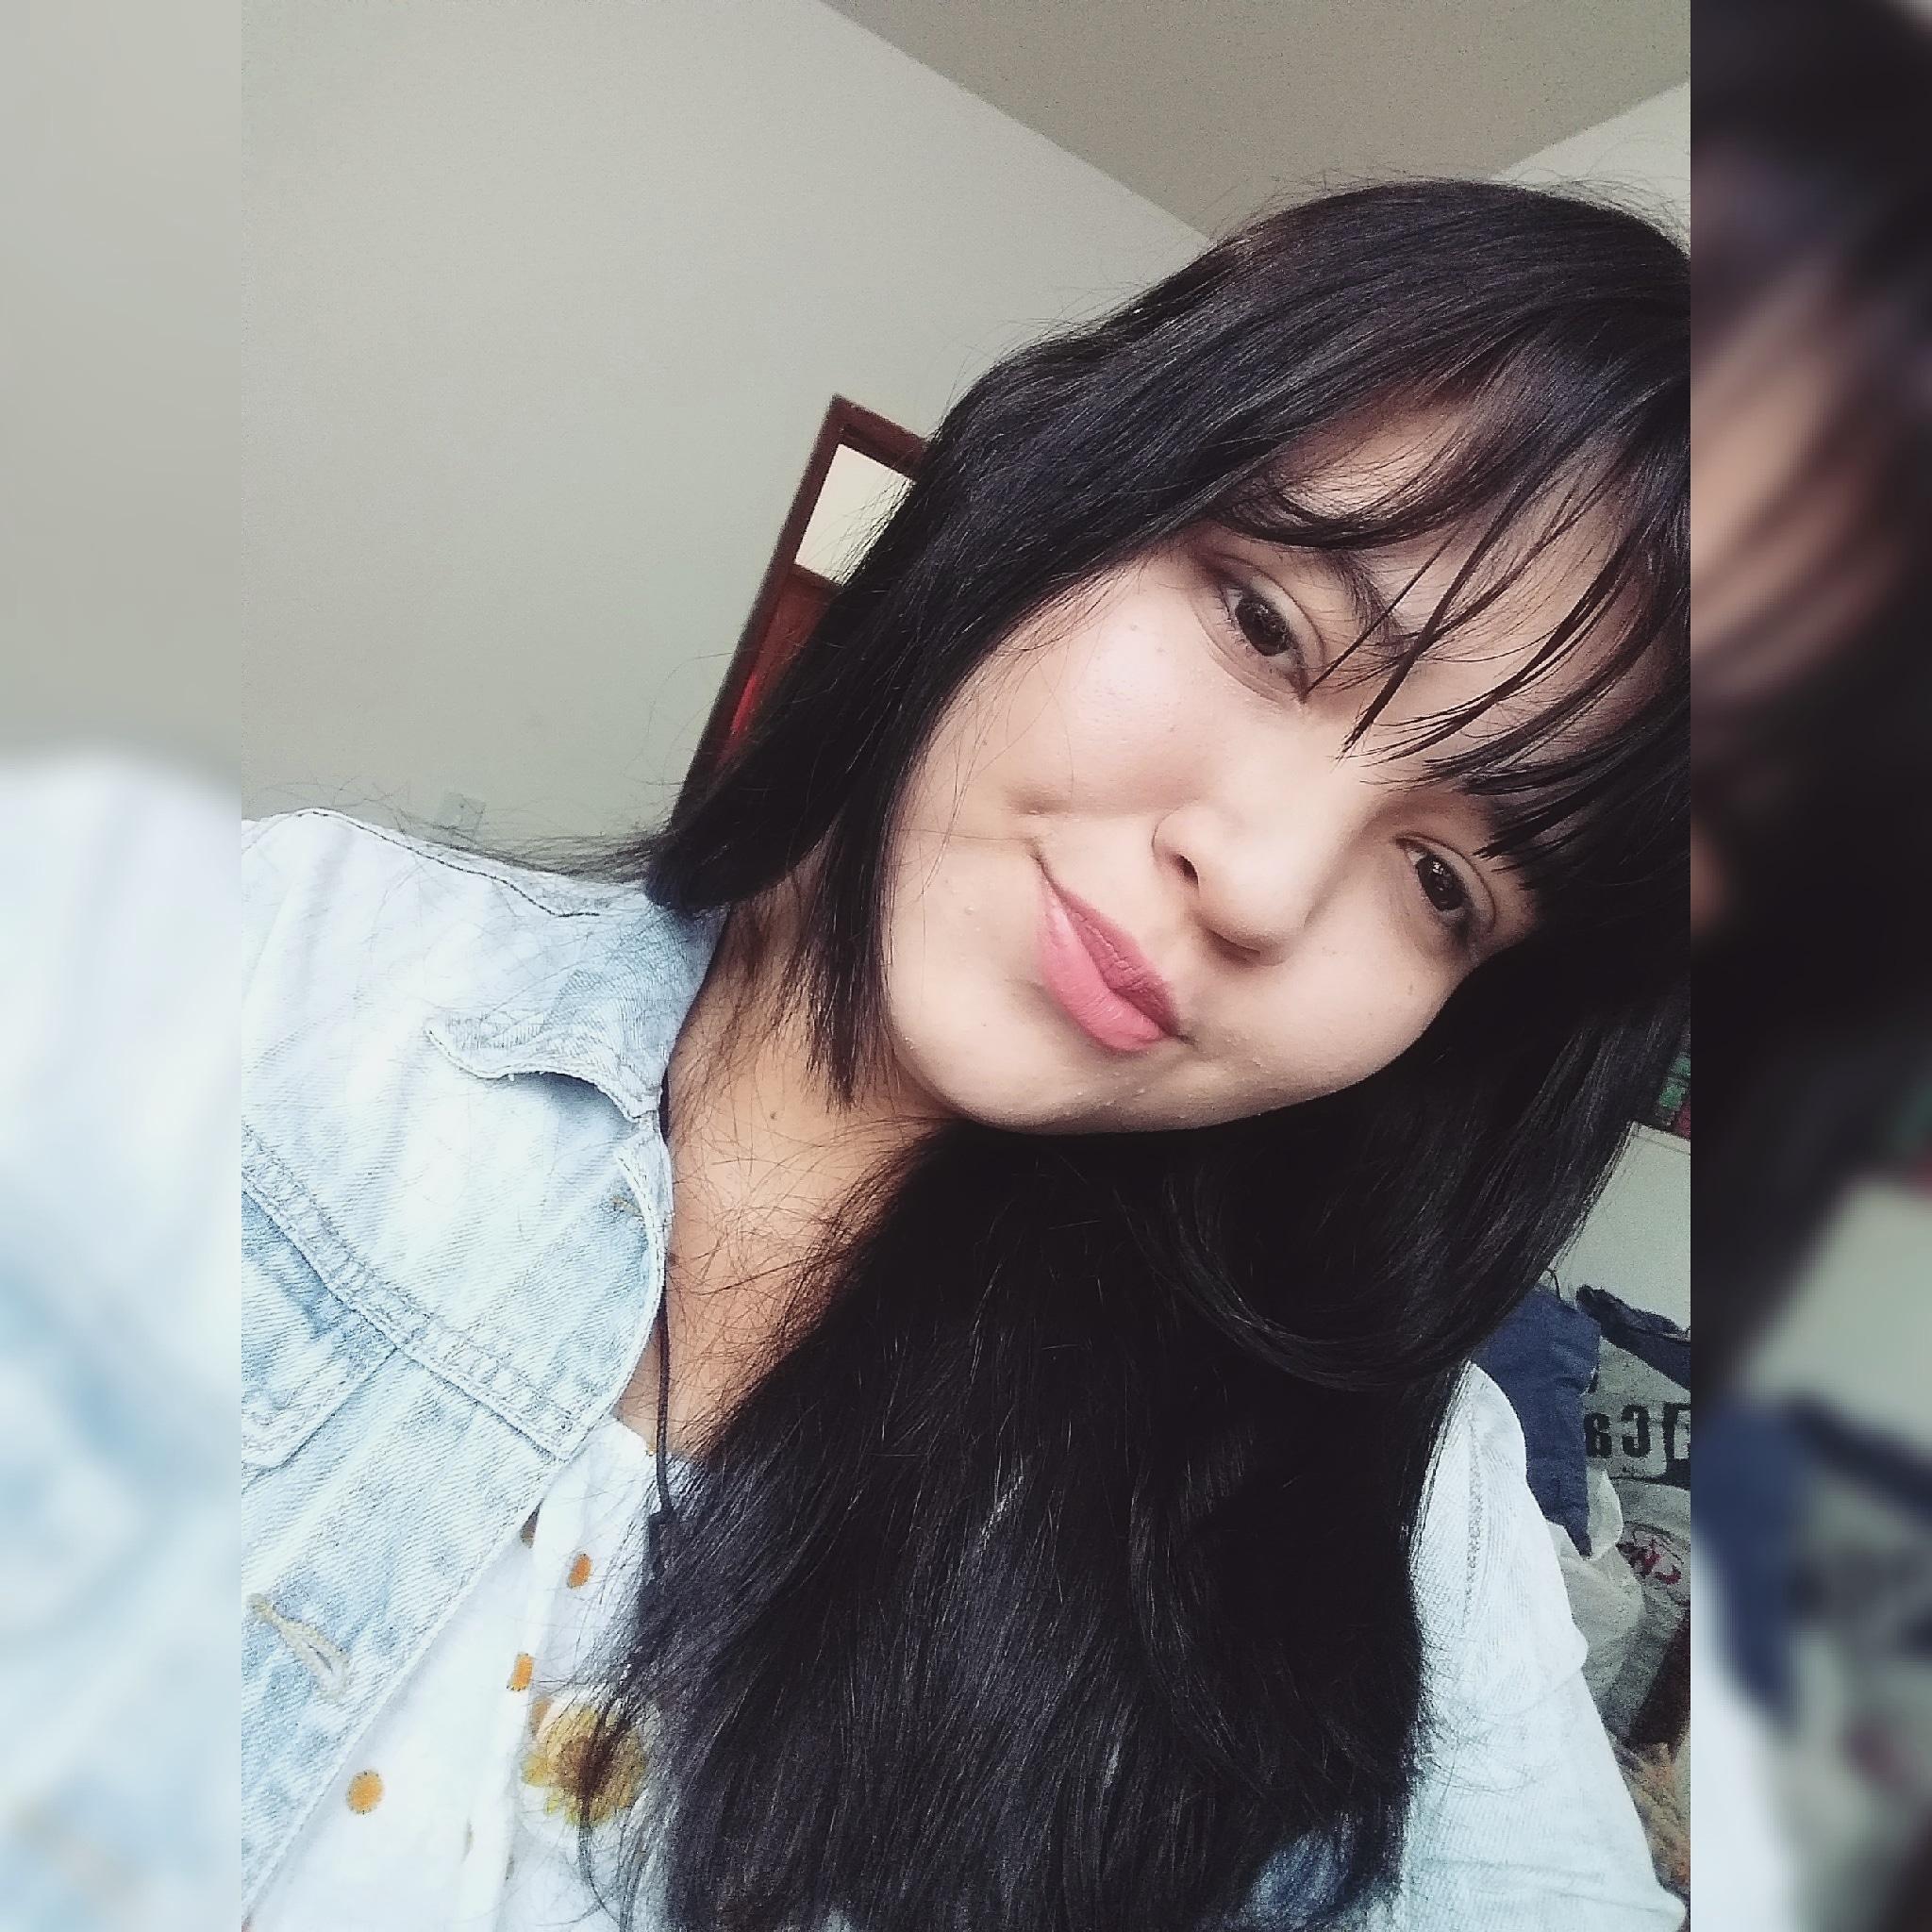 Jenifer Layla Lima Das Chagas